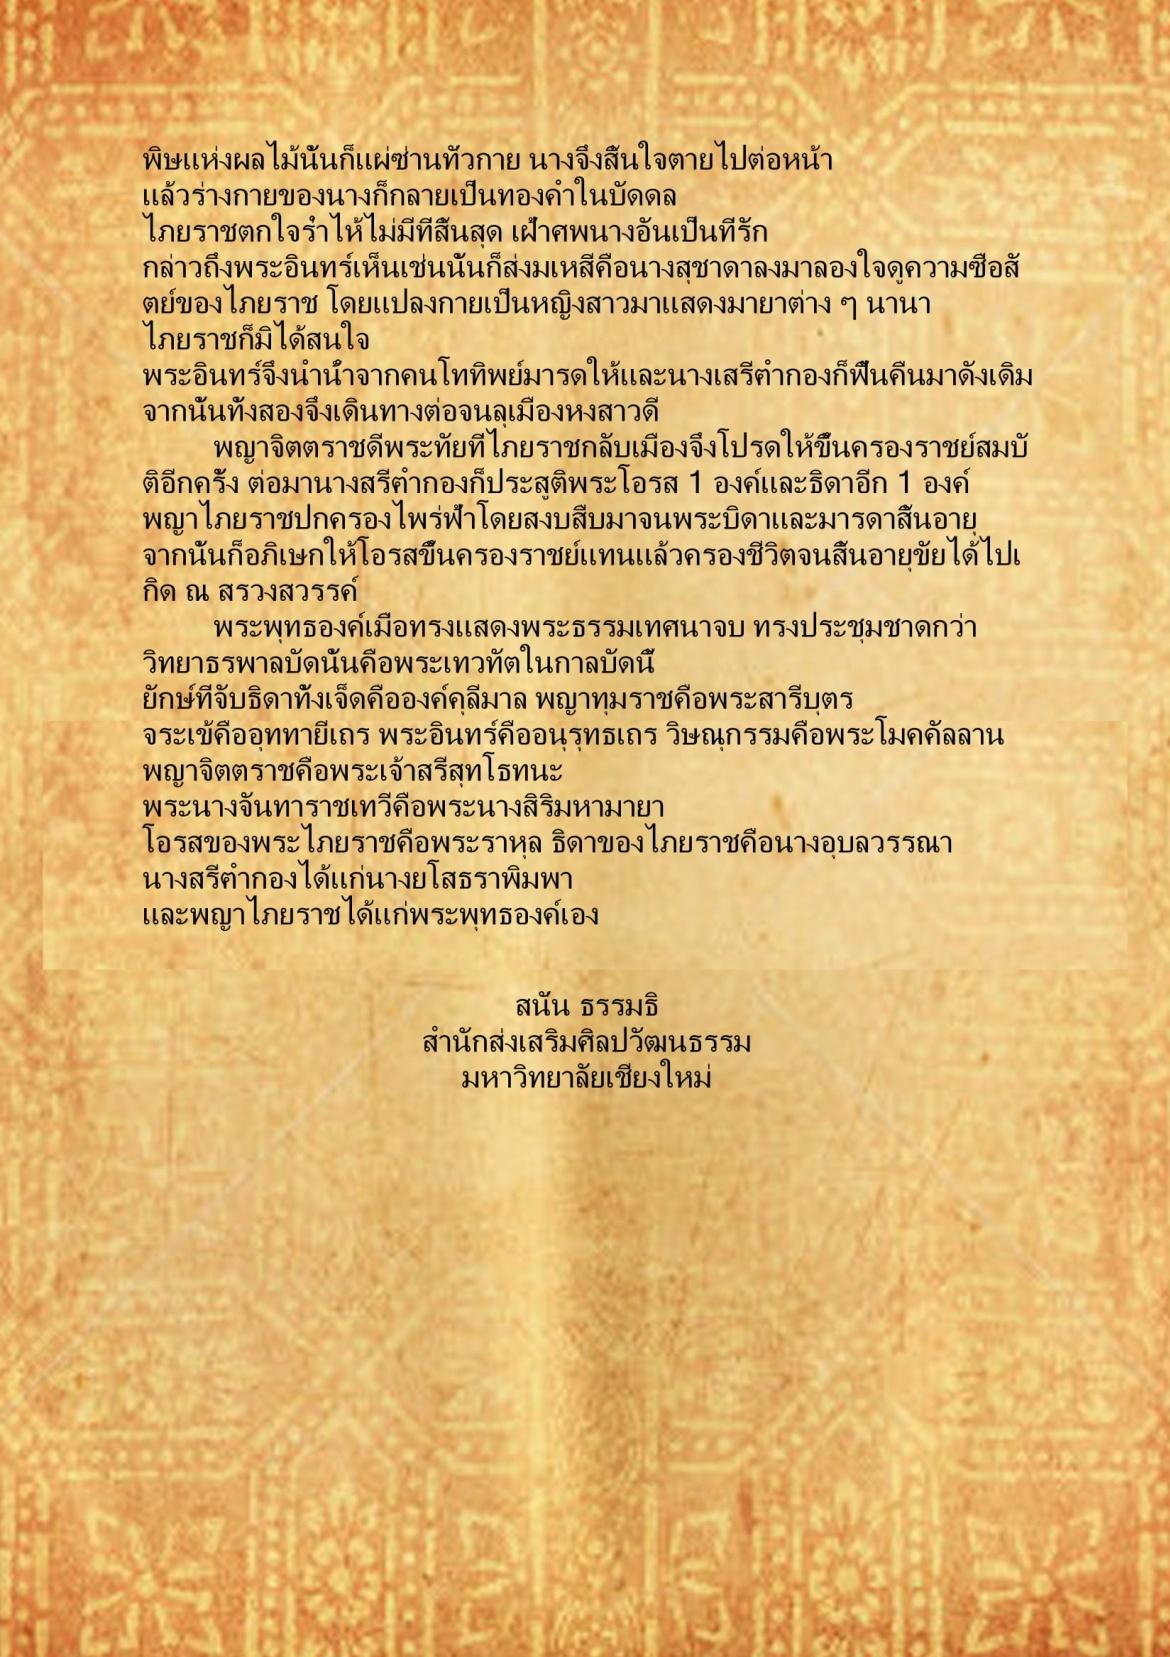 ไภยราช (5) - 4  กรกฎาคม  2559